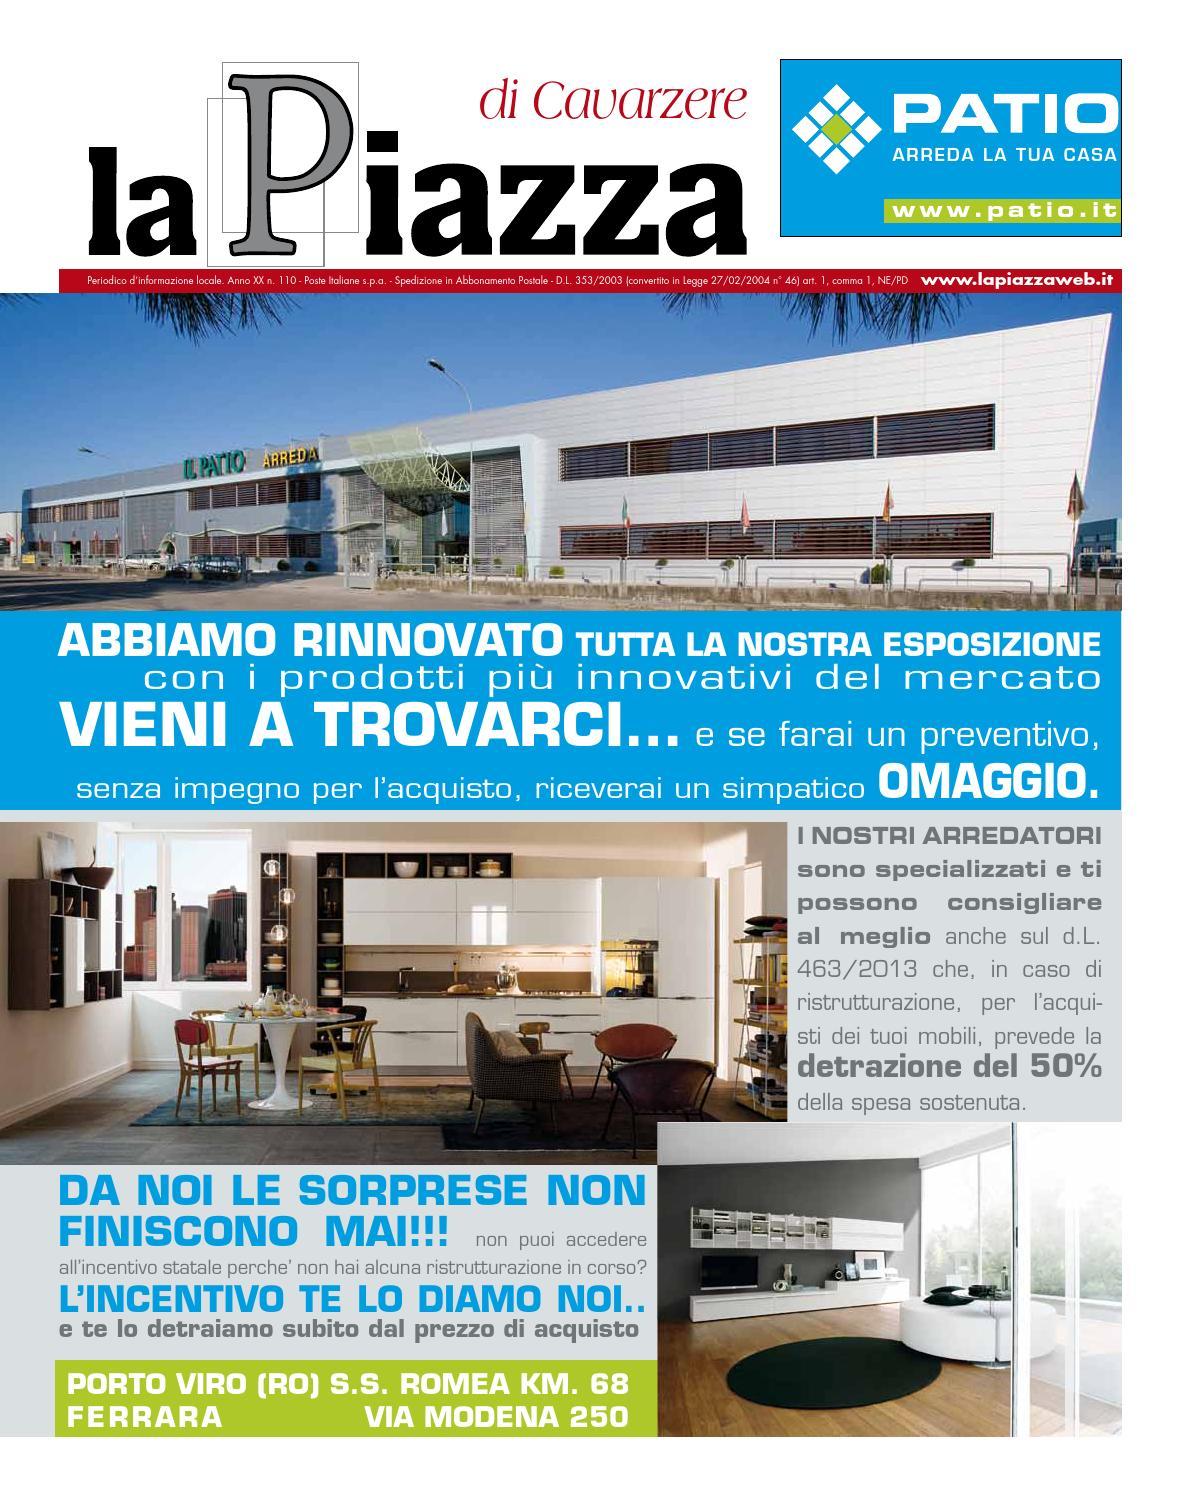 Mobilifici Italiani Elenco Fabbriche Mobili In Italia.Cavarzere Ago2013 N110 By Lapiazza Give Emotions Issuu